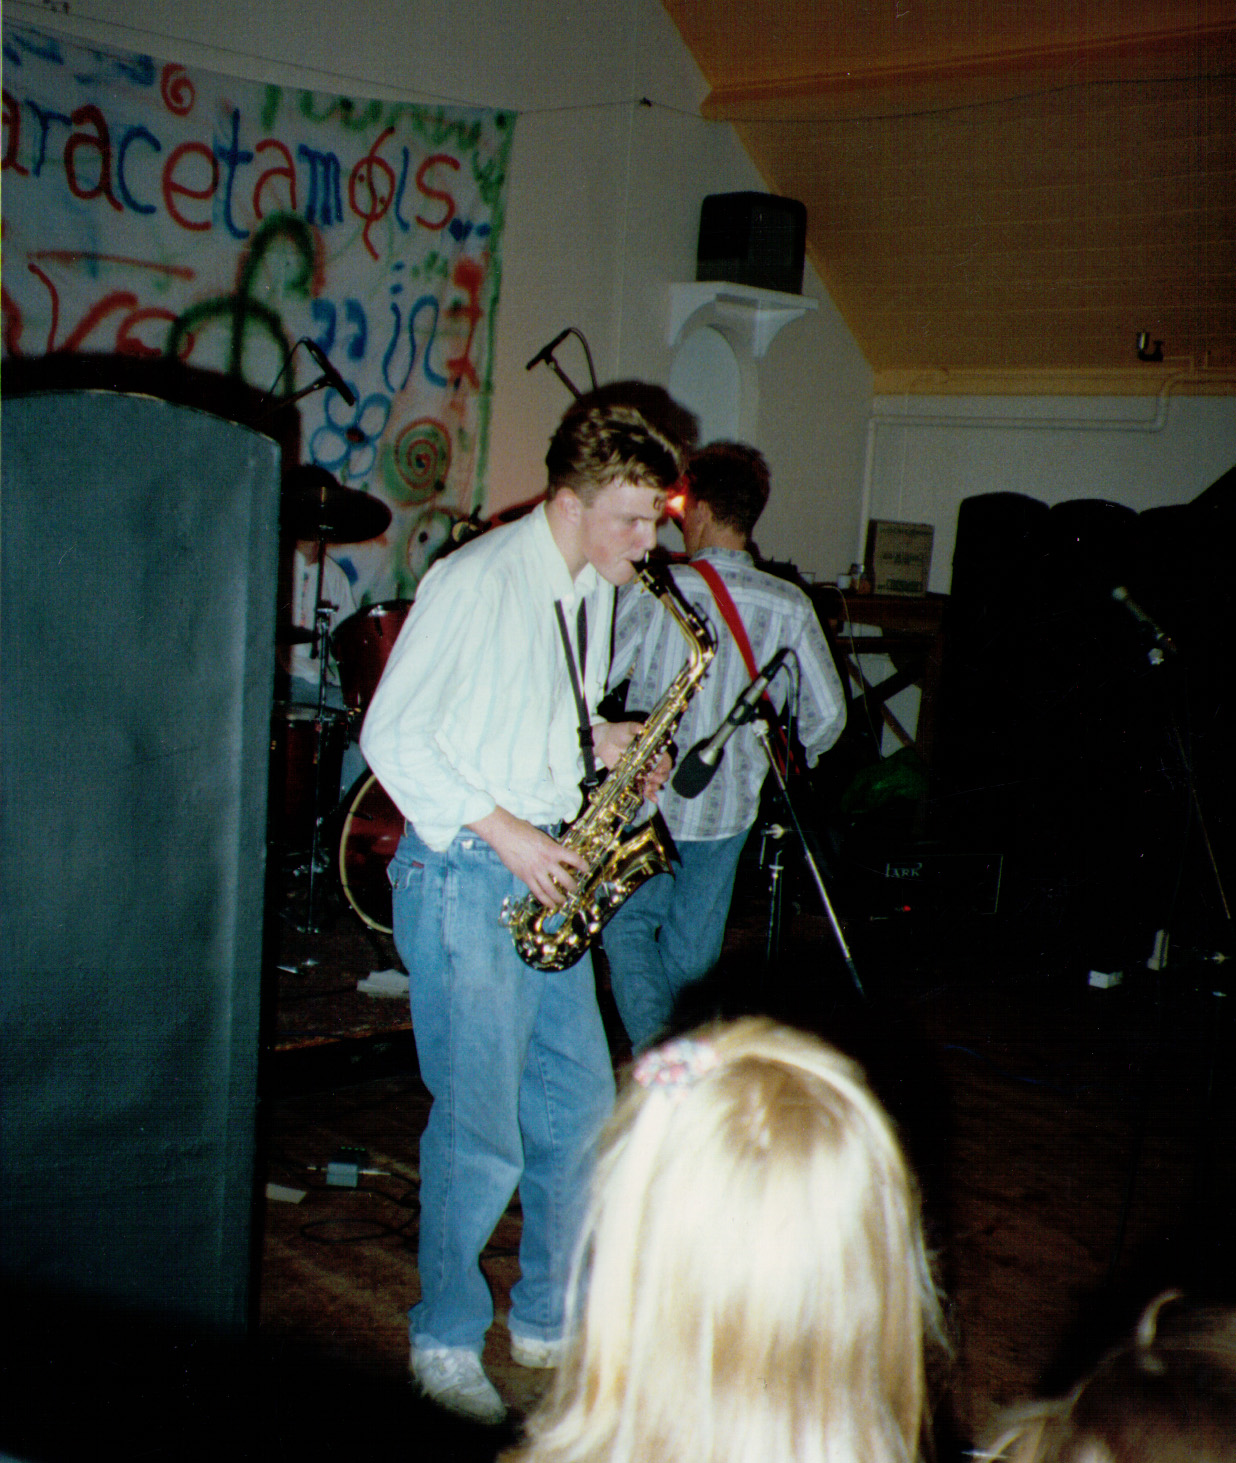 Matt on Sax - no idea why - at the Paracetamols gig at Felixstowe